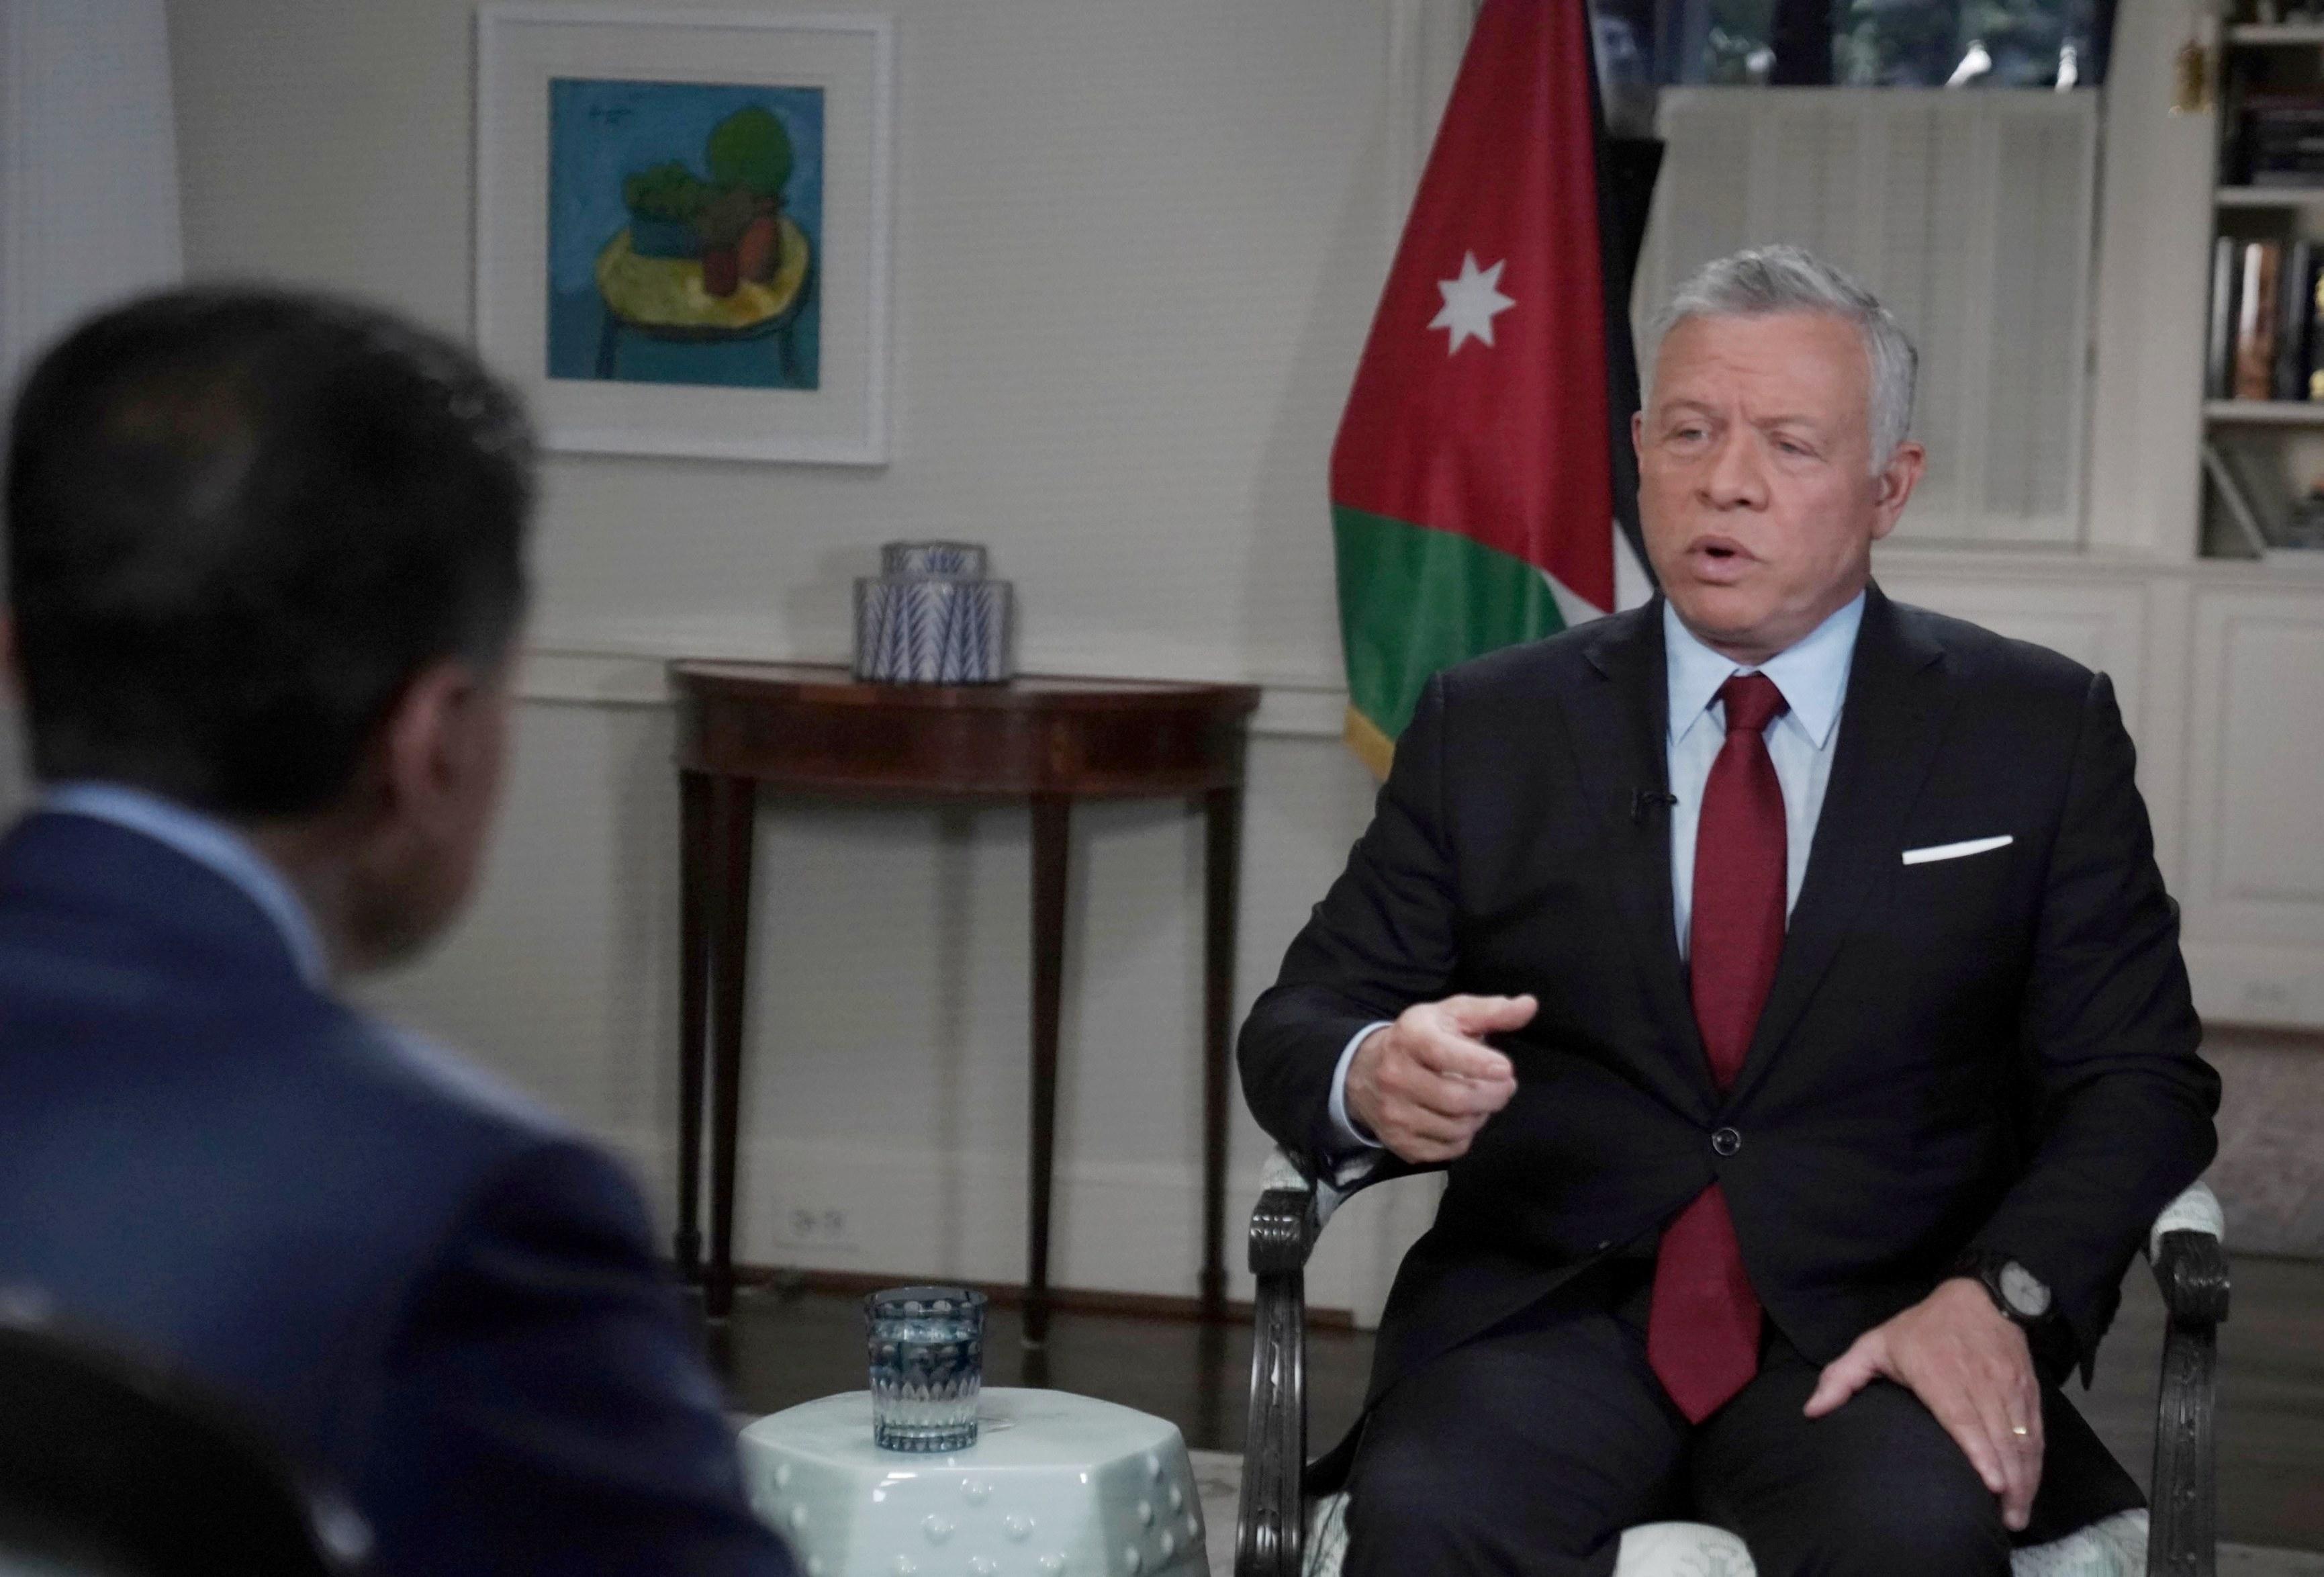 """الملك عبدالله الثاني لـ """"سي إن إن"""": حل الدولتين هو الحل الوحيد وحددنا خطوطنا الحمراء بوضوح"""